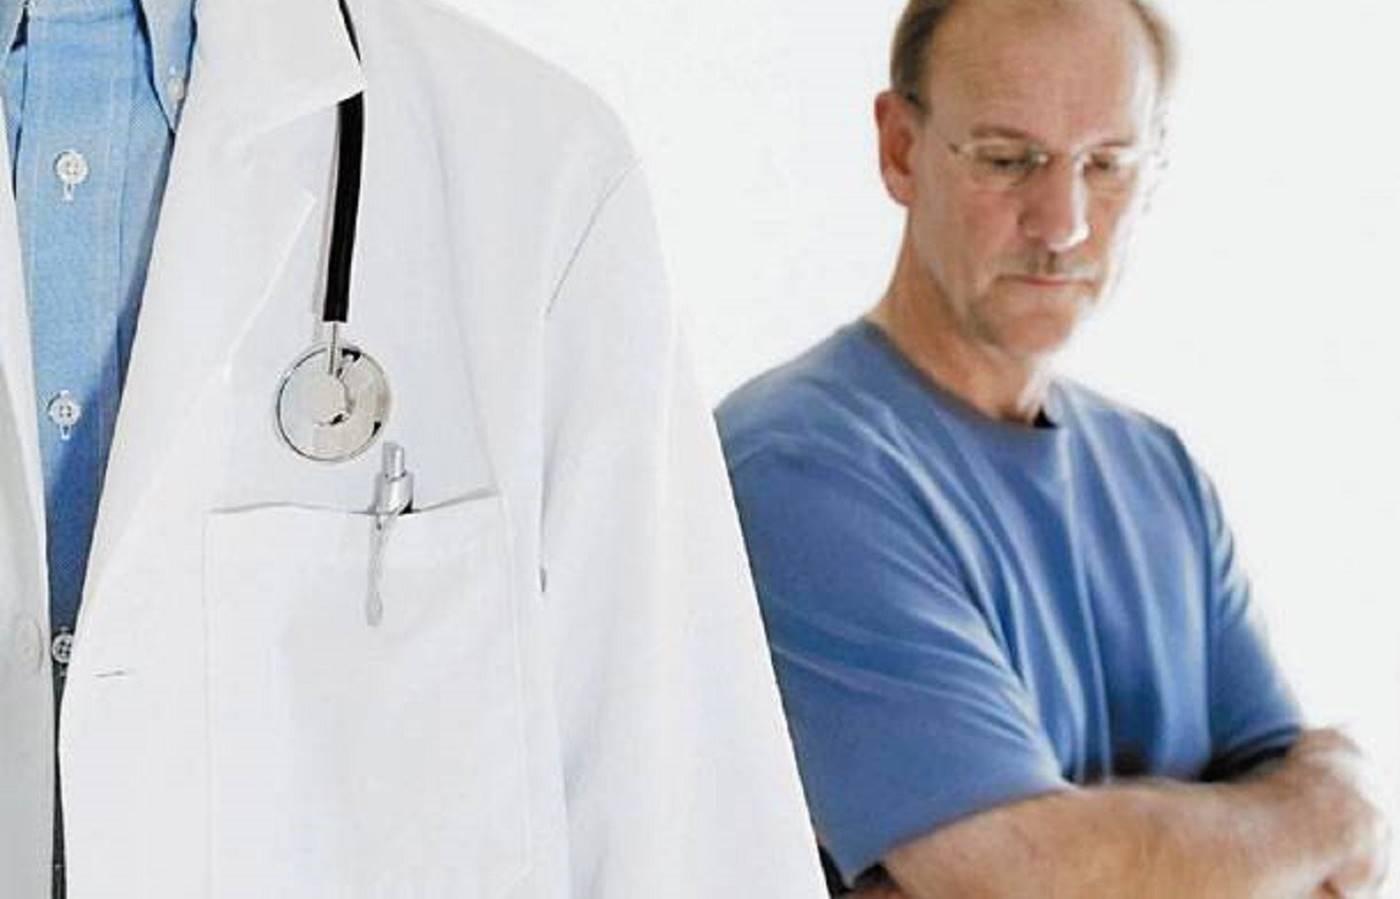 20€ από 65€ για Yπέρηχο προστάτη, Υπέρηχο Oυροδόχου Kύστεως & Υπέρηχο Nεφρών, σε 4 έγκριτα ιατρικά κέντρα